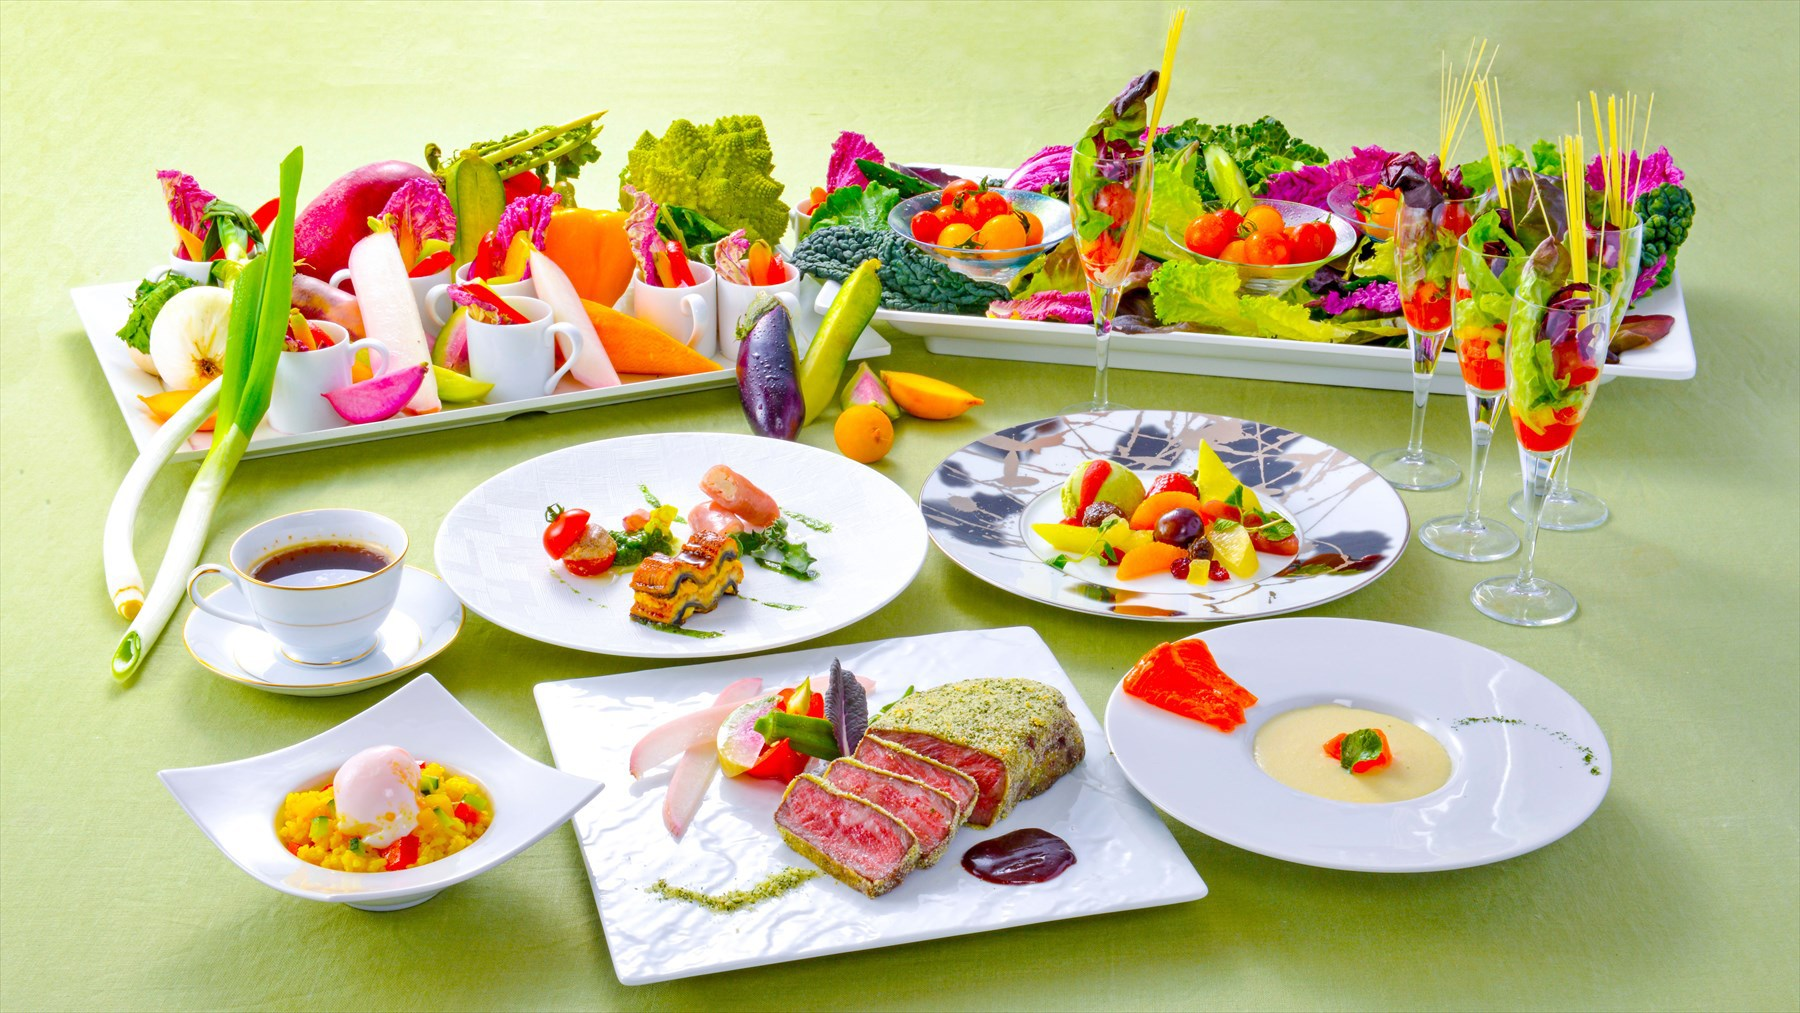 【夕食・朝食付】(飲み放題付)『牛ロースハーブ焼き』と『箱根山麓野菜のビュッフェ』スタンダードコース